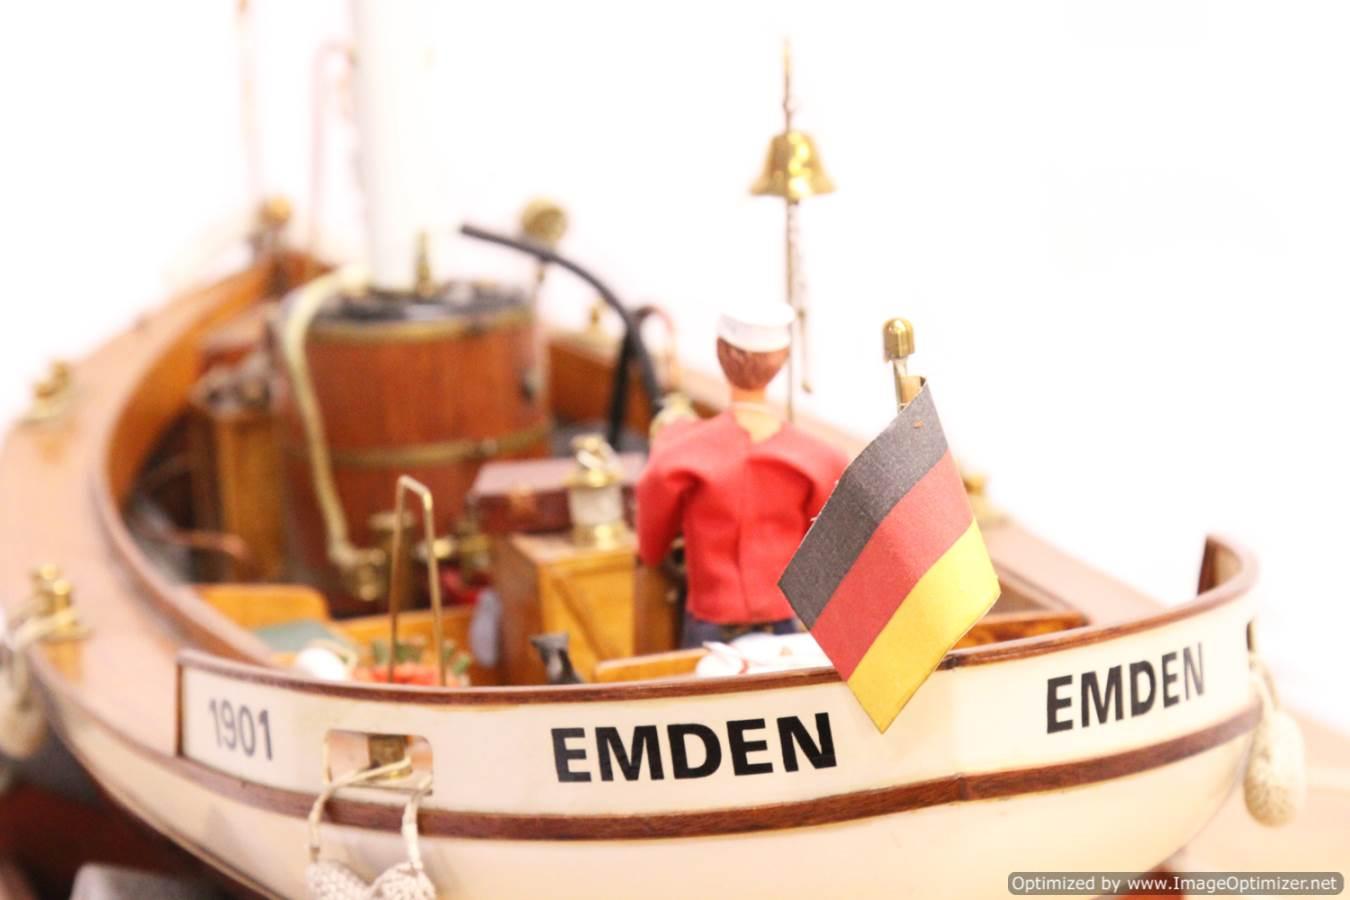 test bockrum-cheddar-steam-boat-live-steam-model-for-sale-27-optimized